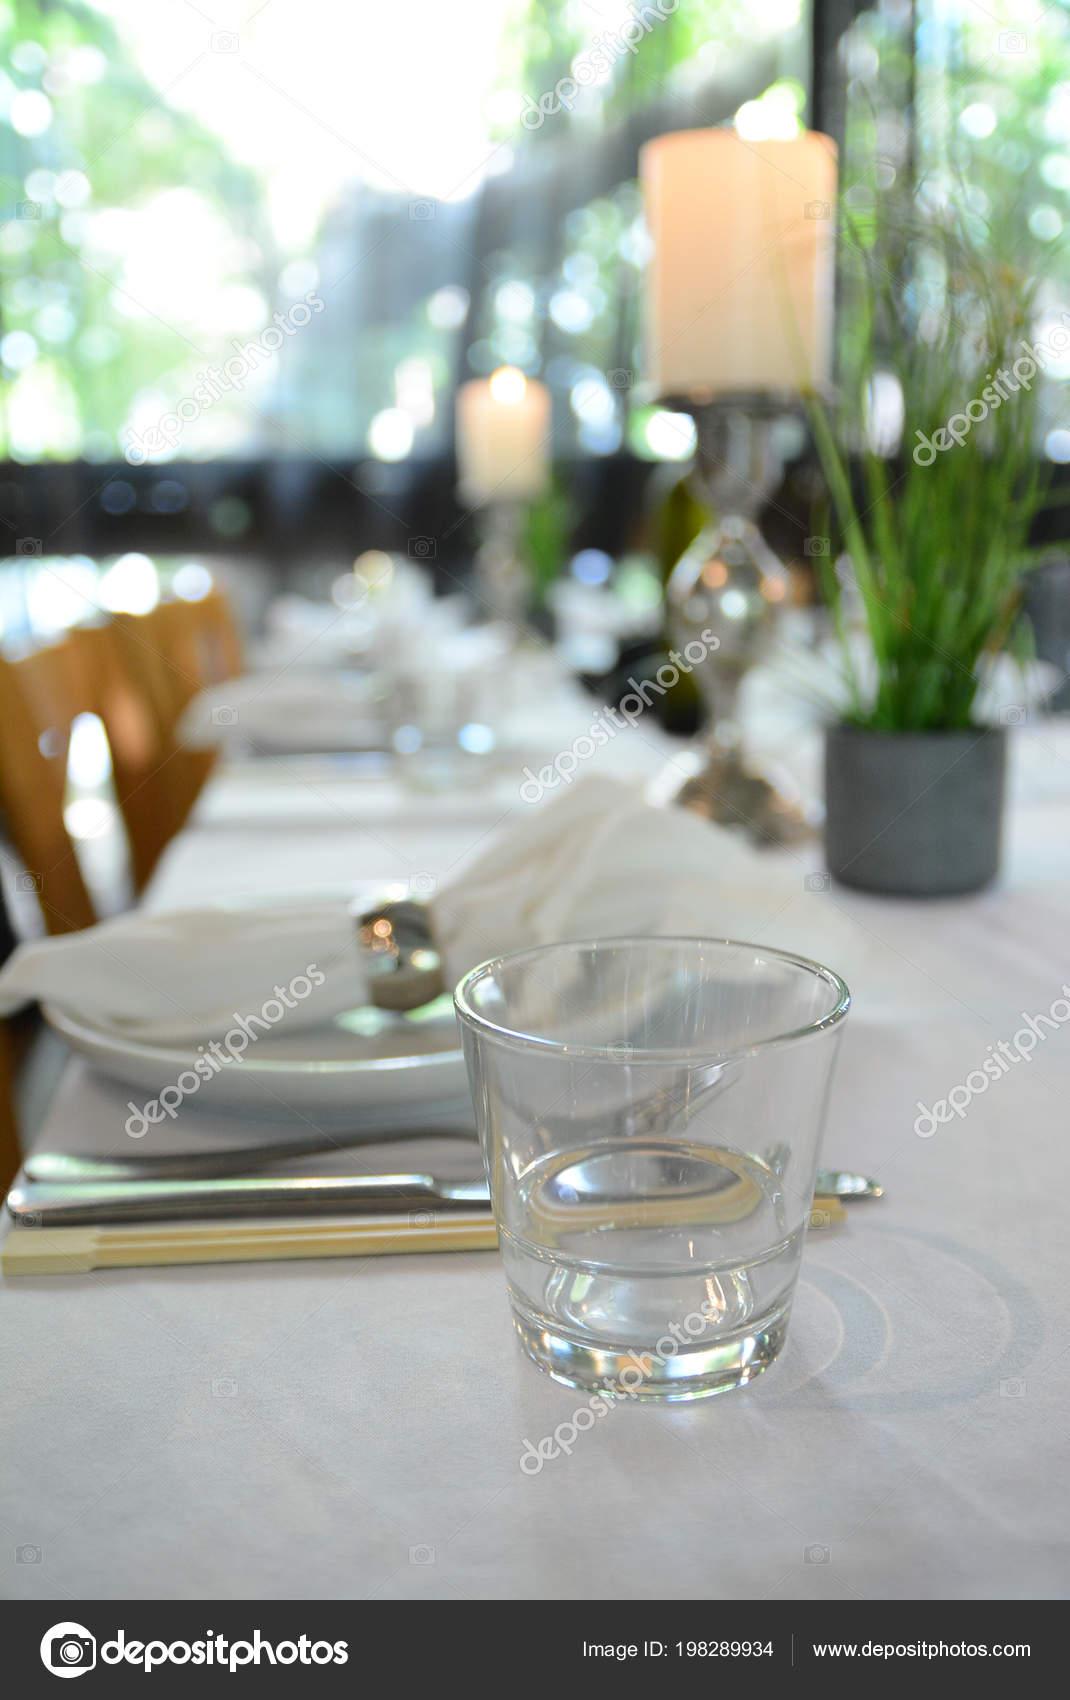 Interieur Restaurant Set Table Avec Une Fourchette Couteau